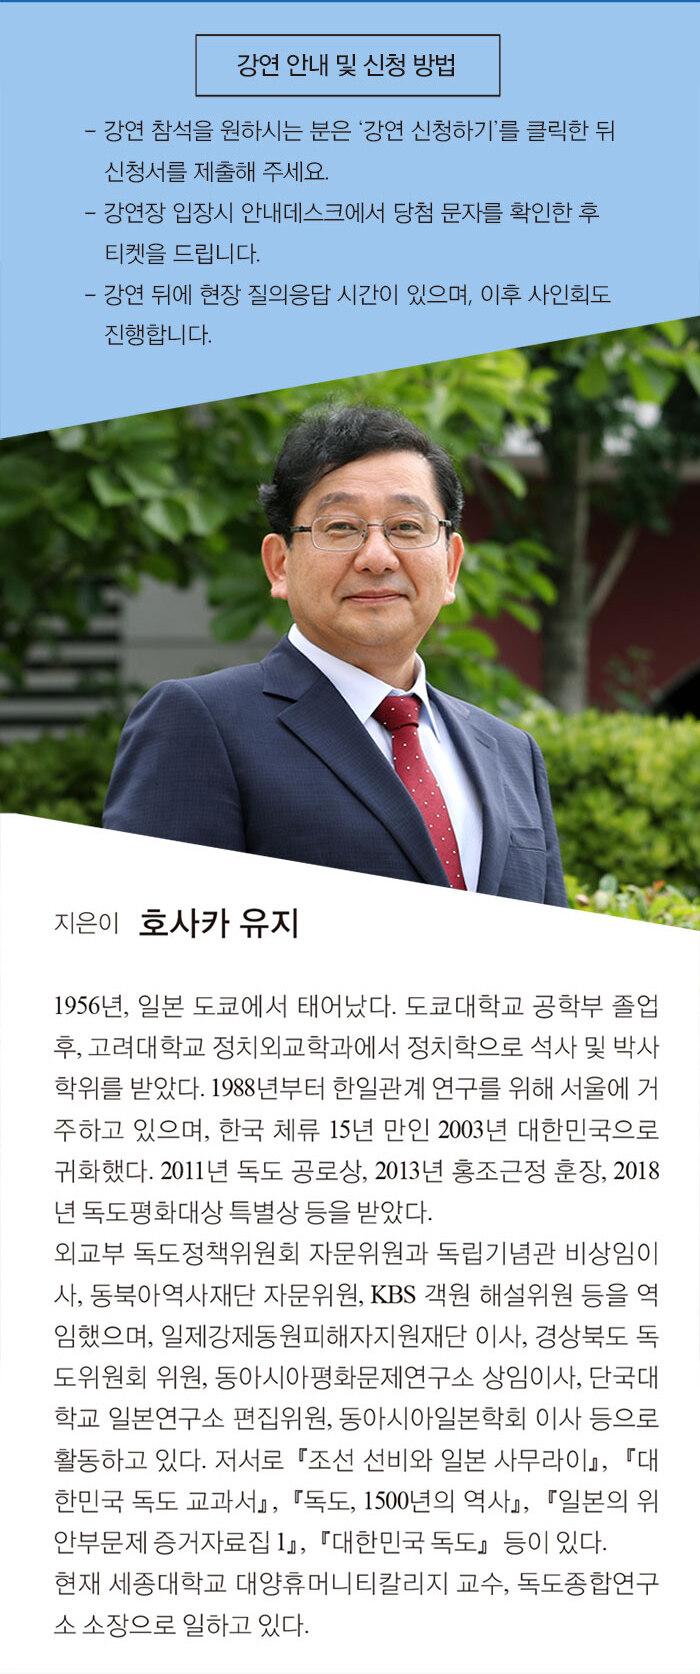 <호사카 유지의 일본 뒤집기> 저자 강연회